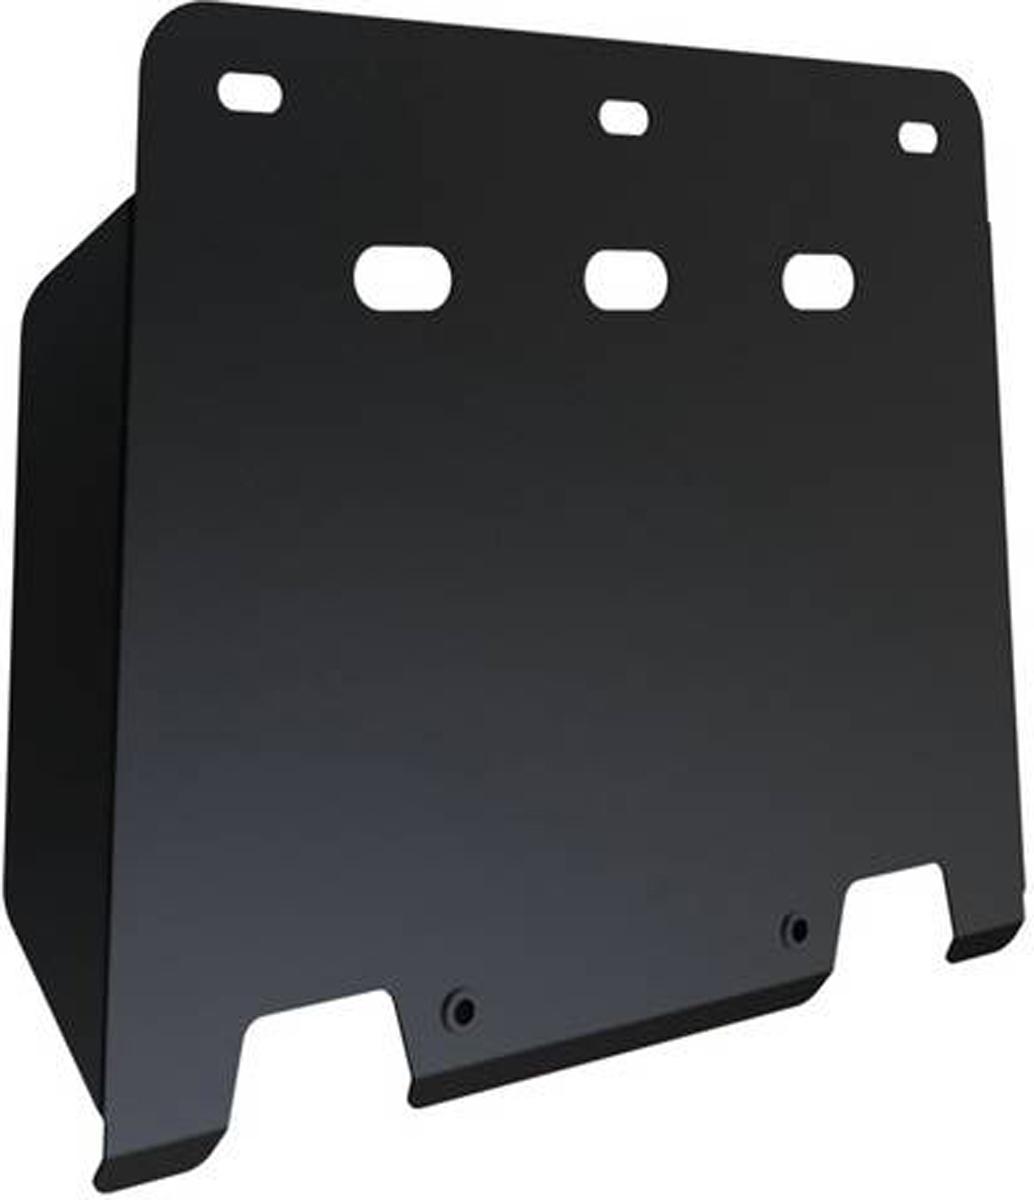 Защита КПП Автоброня Hyundai H1 2007-, сталь 2 мм111.02335.1Защита КПП Автоброня Hyundai H1 2007-, сталь 2 мм, комплект крепежа, 111.02335.1 Дополнительно можно приобрести другие защитные элементы из комплекта: защита радиатора и картера - 111.02334.1, защита КПП ч.2 - 111.02336.1Стальные защиты Автоброня надежно защищают ваш автомобиль от повреждений при наезде на бордюры, выступающие канализационные люки, кромки поврежденного асфальта или при ремонте дорог, не говоря уже о загородных дорогах. - Имеют оптимальное соотношение цена-качество. - Спроектированы с учетом особенностей автомобиля, что делает установку удобной. - Защита устанавливается в штатные места кузова автомобиля. - Является надежной защитой для важных элементов на протяжении долгих лет. - Глубокий штамп дополнительно усиливает конструкцию защиты. - Подштамповка в местах крепления защищает крепеж от срезания. - Технологические отверстия там, где они необходимы для смены масла и слива воды, оборудованные заглушками, закрепленными на защите. Толщина стали 2 мм. В комплекте крепеж и инструкция по установке.Уважаемые клиенты! Обращаем ваше внимание на тот факт, что защита имеет форму, соответствующую модели данного автомобиля. Наличие глубокого штампа и лючков для смены фильтров/масла предусмотрено не на всех защитах. Фото служит для визуального восприятия товара.